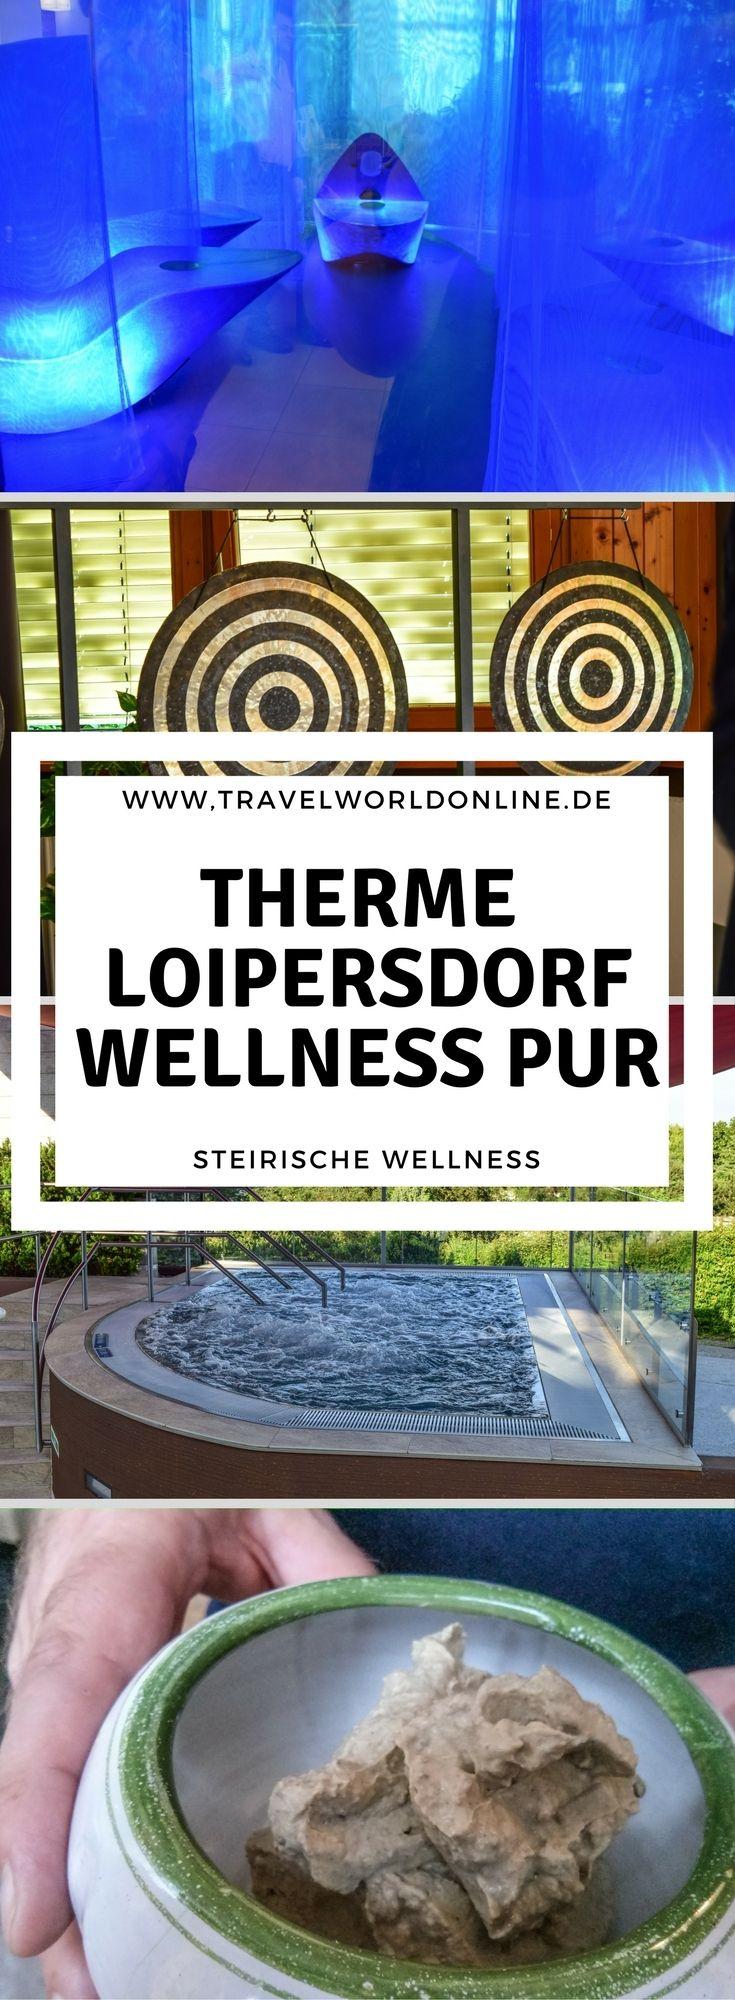 In der Therme Loipersdorf gibt es Wellness pur auf steirische Art.